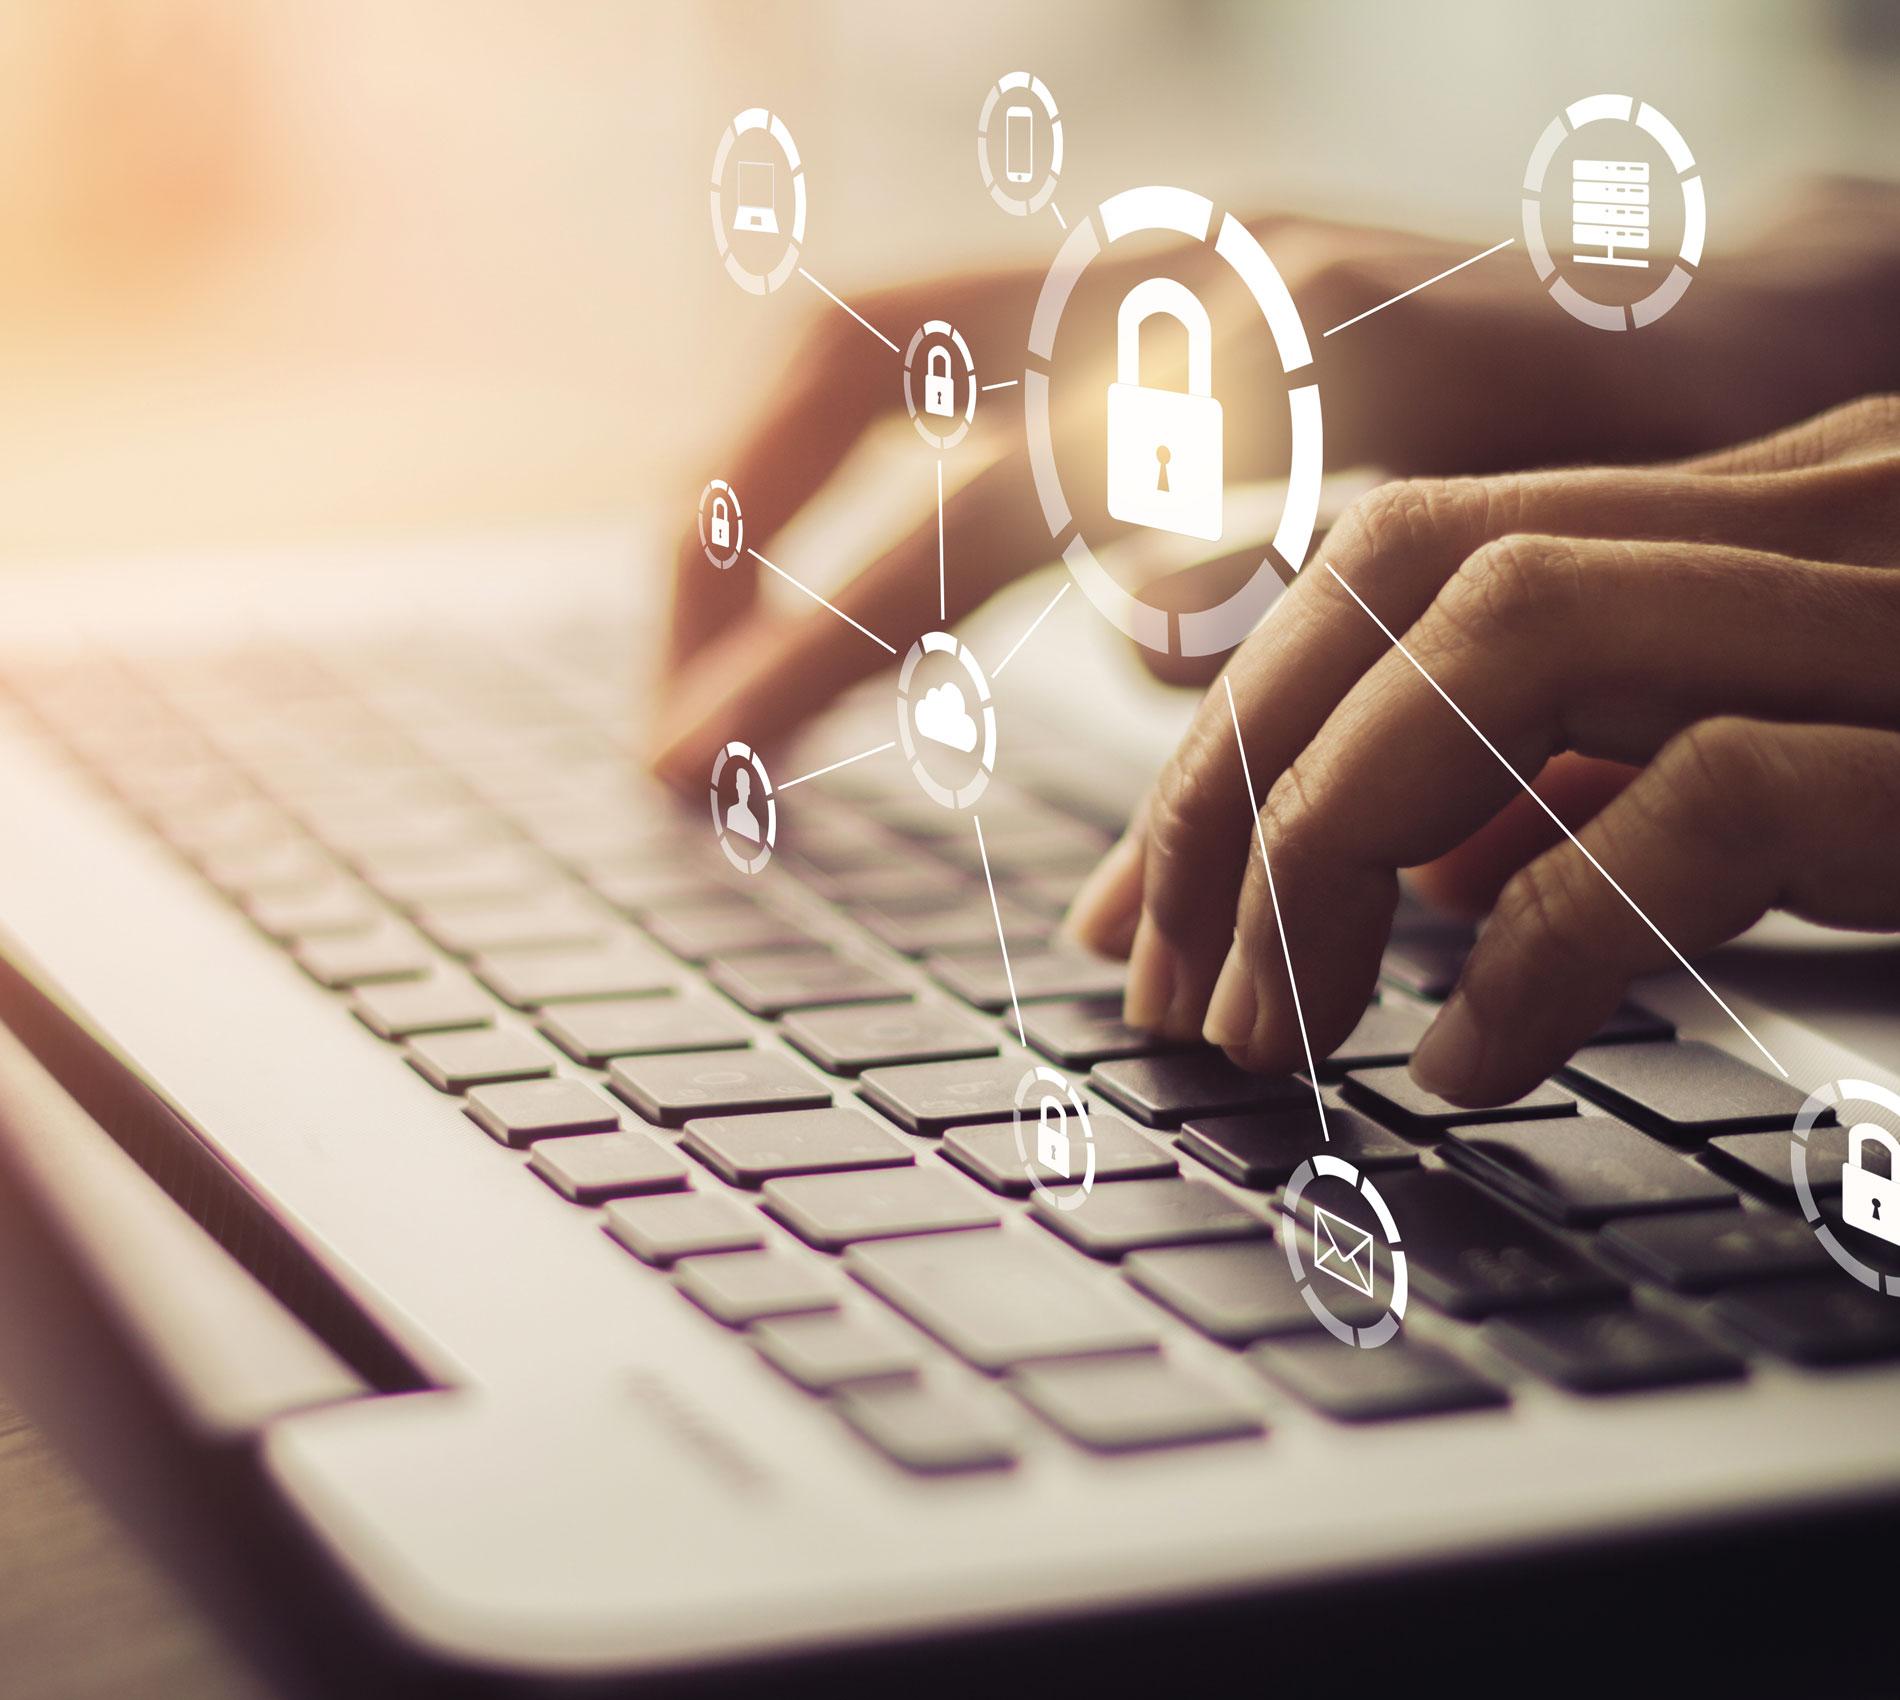 Segurança digital: com ataques cibernéticos, segurança deve ser prioridade para lojas virtuais